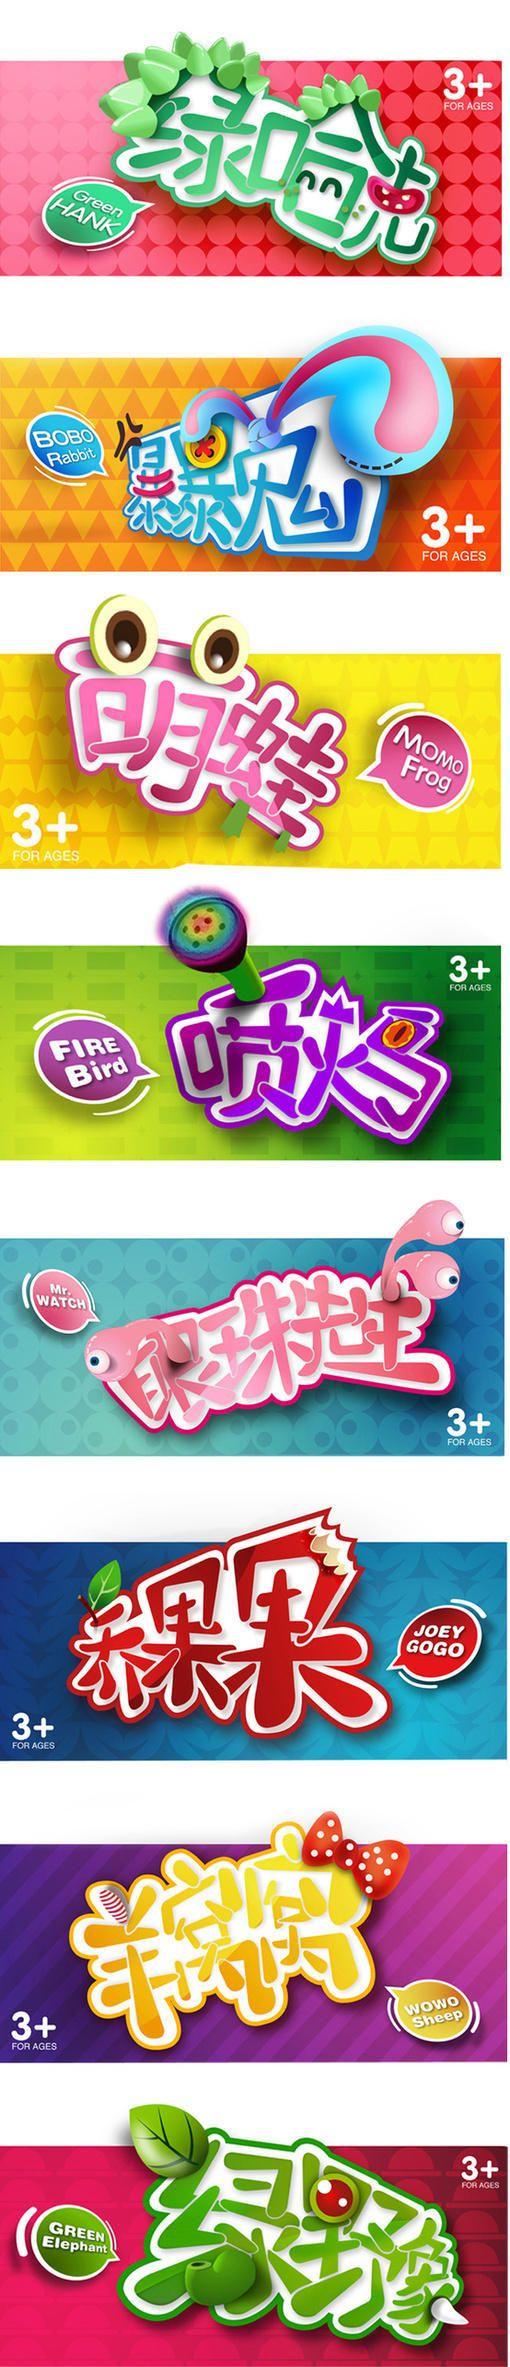 查看《刹客宝贝系列玩偶包装字体设计》原图...